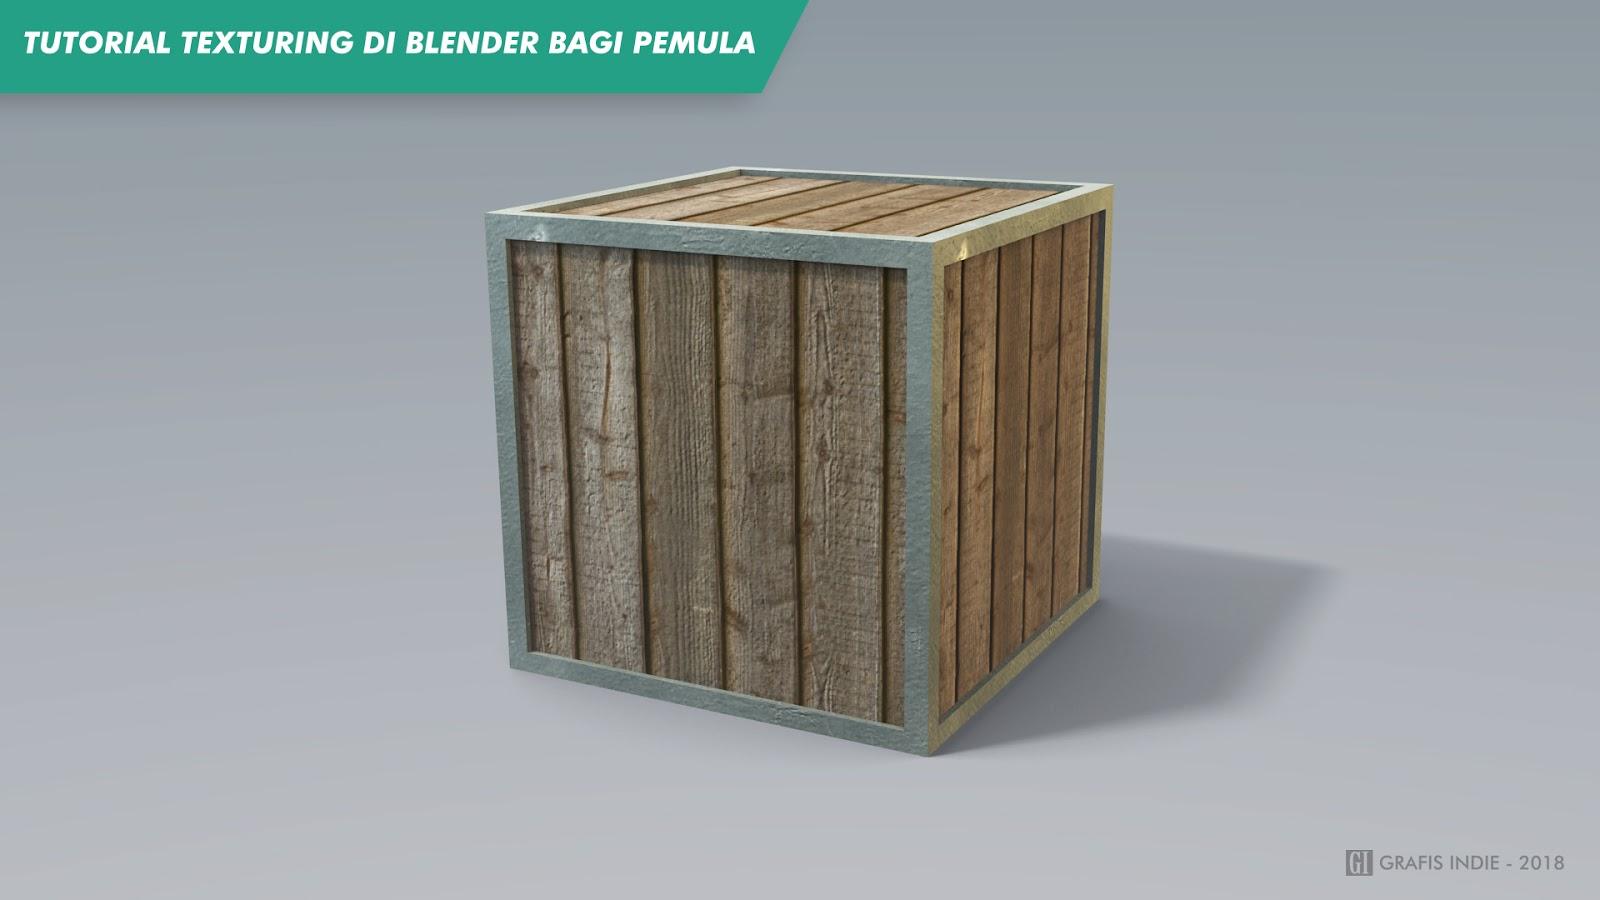 Tutorial Texturing Di Blender Bagi Pemula